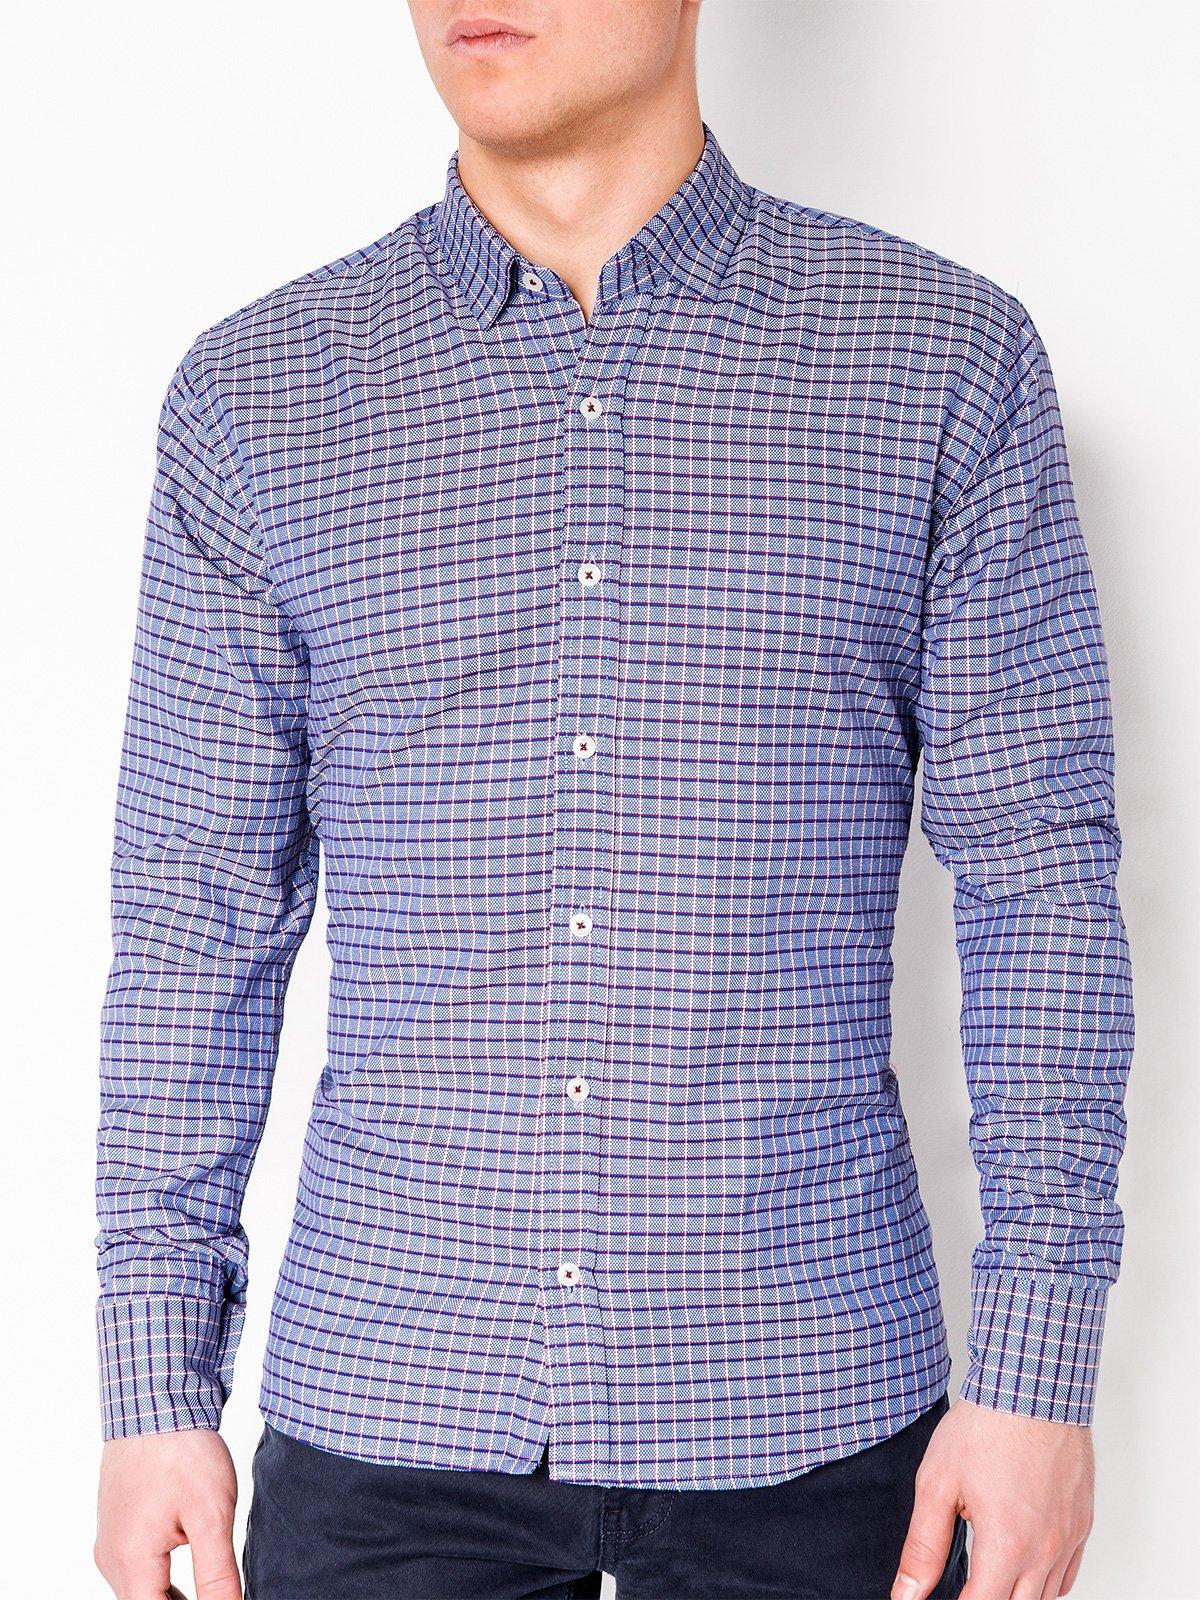 bdecef7c8d4 ... Мужская рубашка в клеточку с длинным рукавом K440 - тёмно-синяя красная  ...